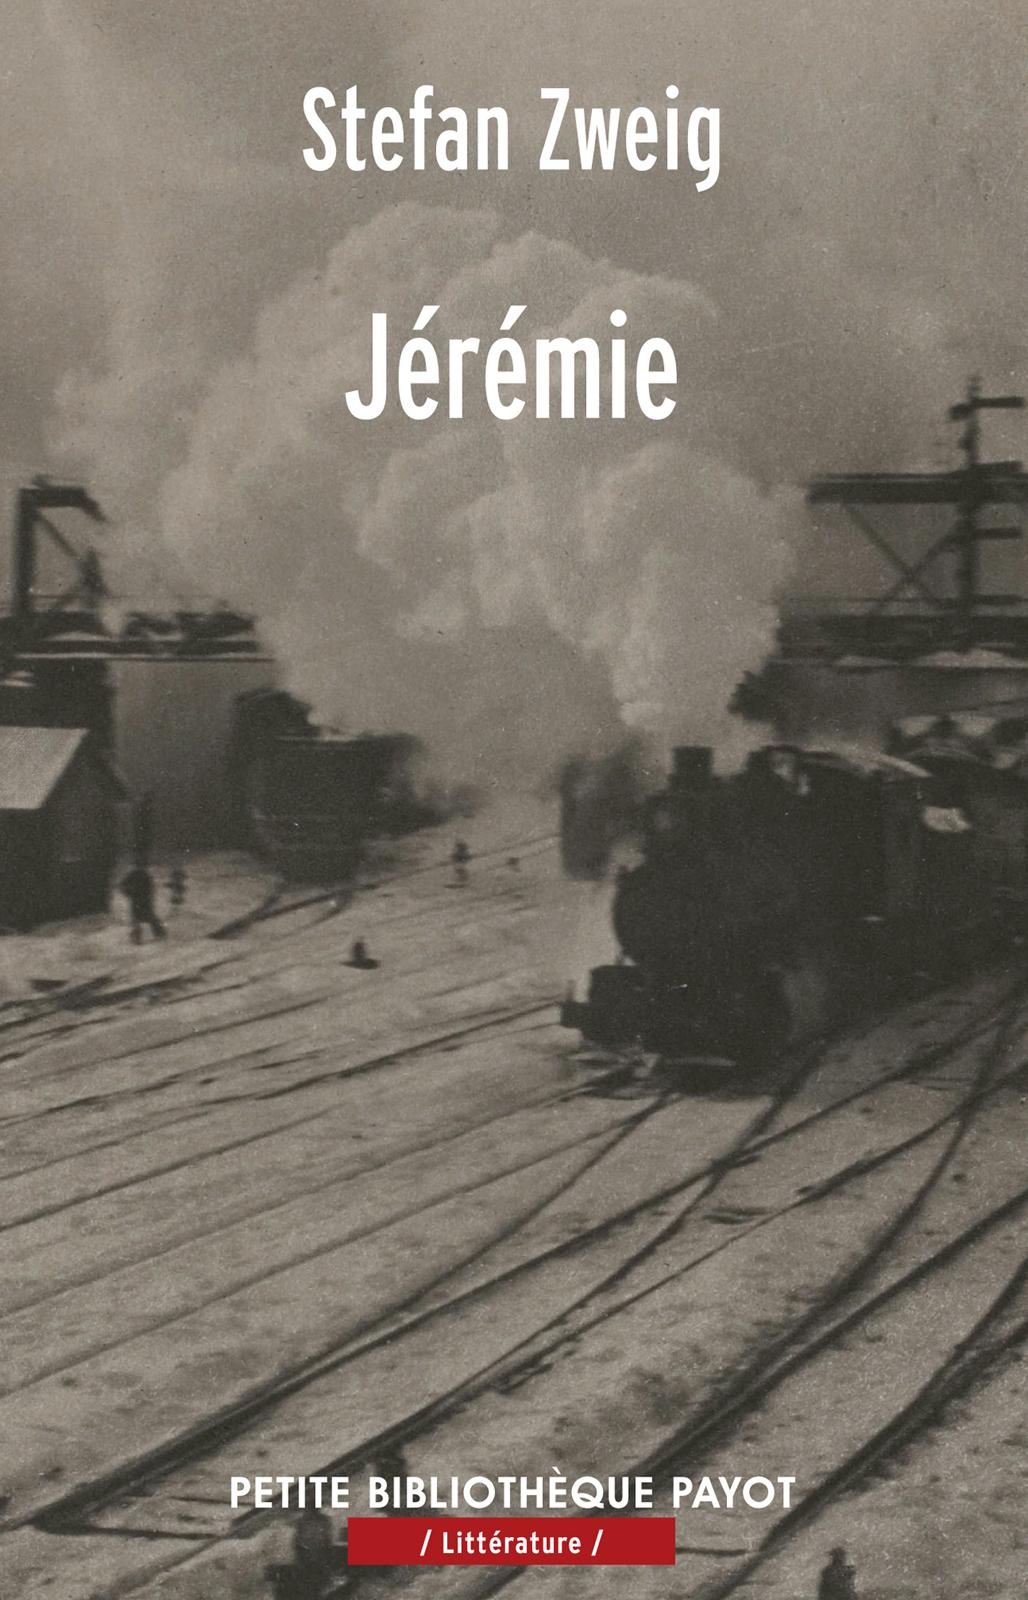 Couverture : Jérémie Stefan Zweig, Annette Wieviorka